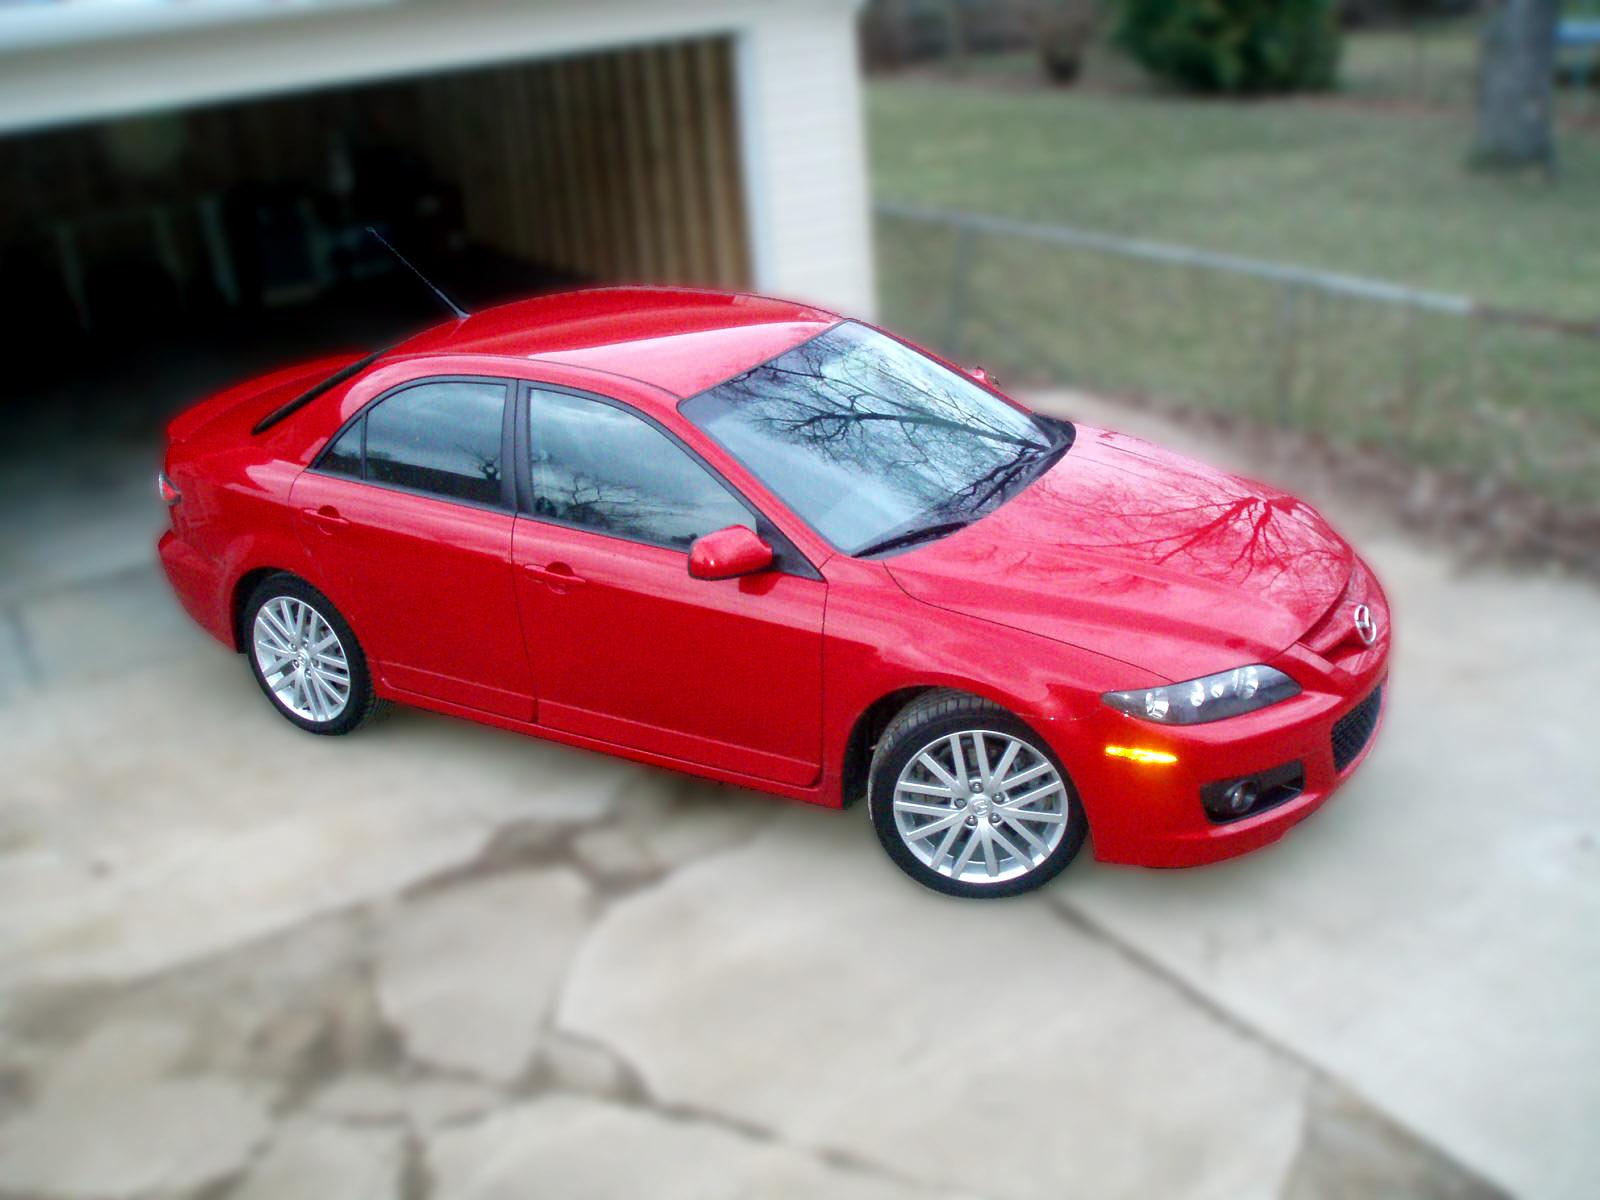 Stock 2006 Mazda 6 Speed6 1 4 mile Drag Racing timeslip specs 0 60